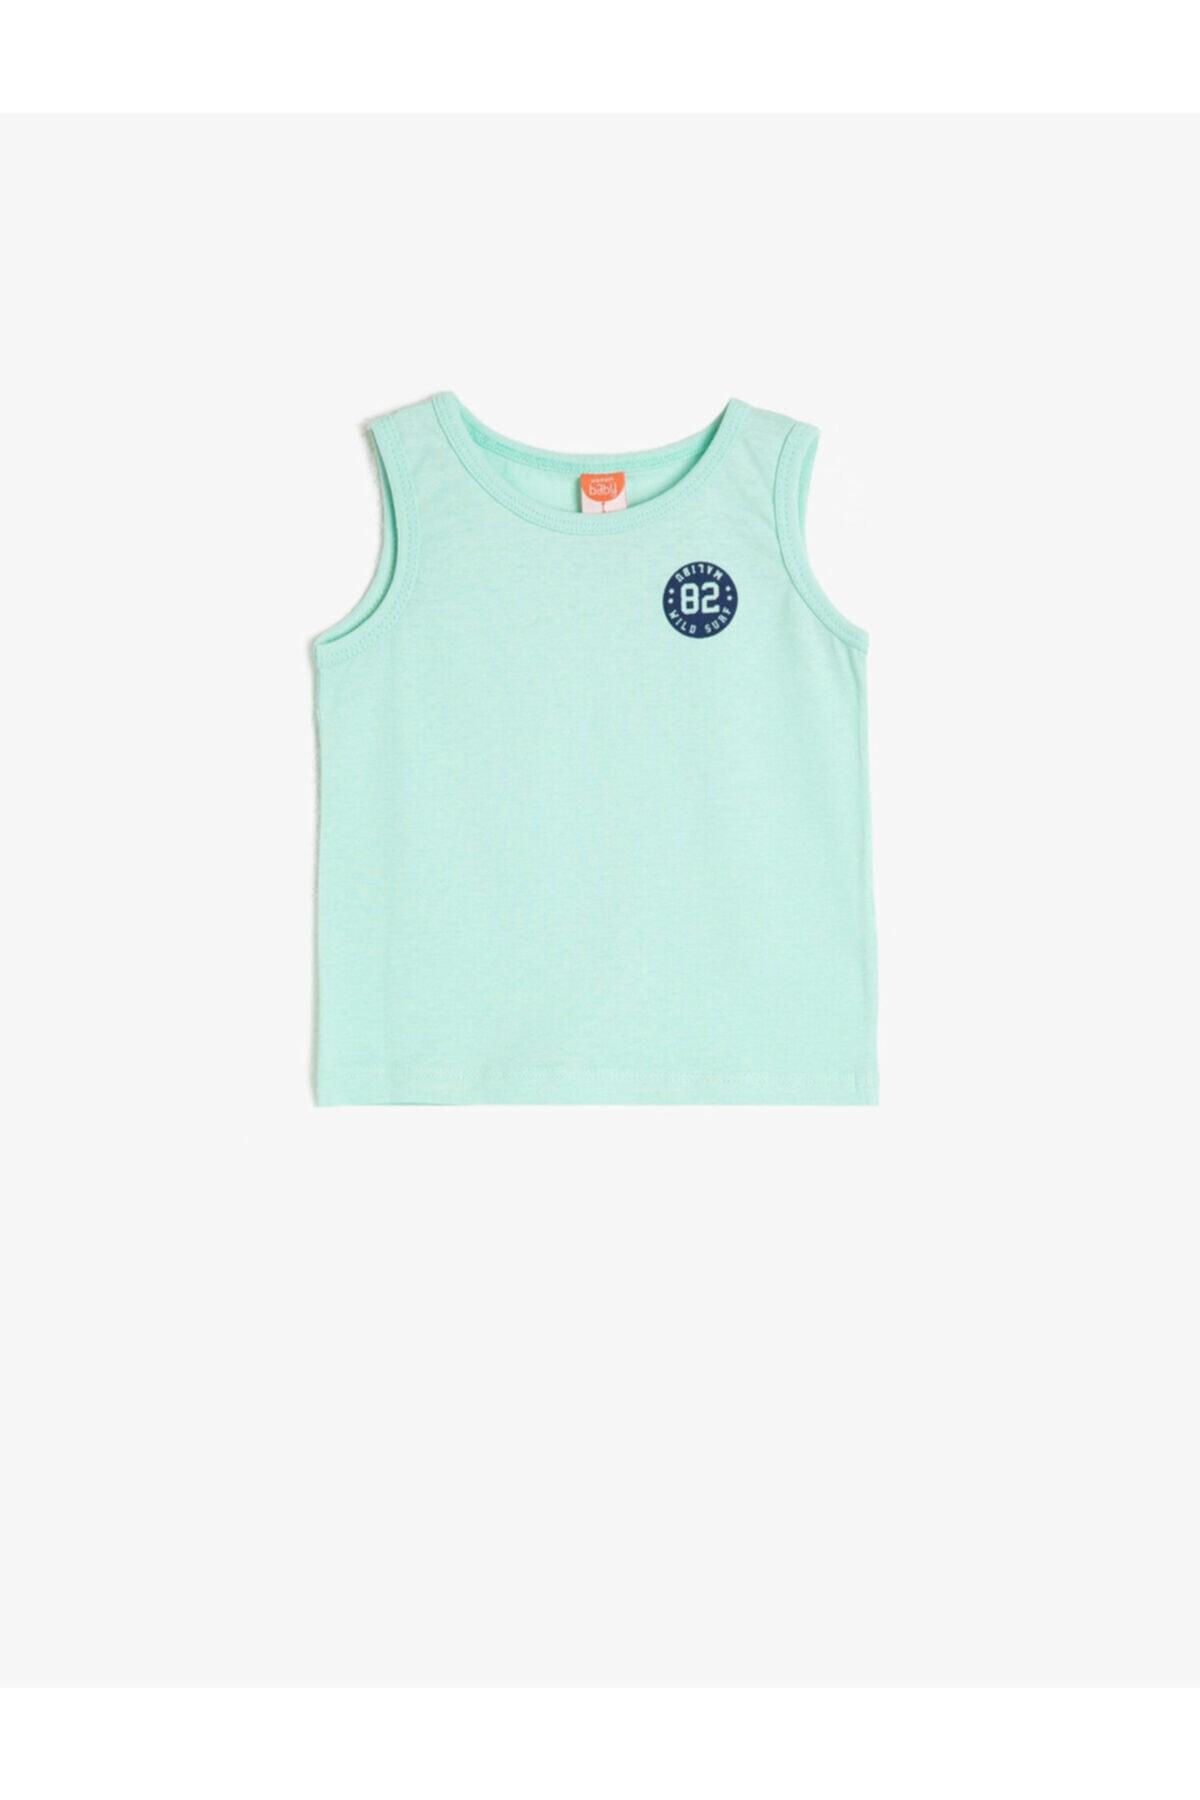 تاپ 2021 بچه گانه پسرانه برند کوتون رنگ سبز کد ty41174036